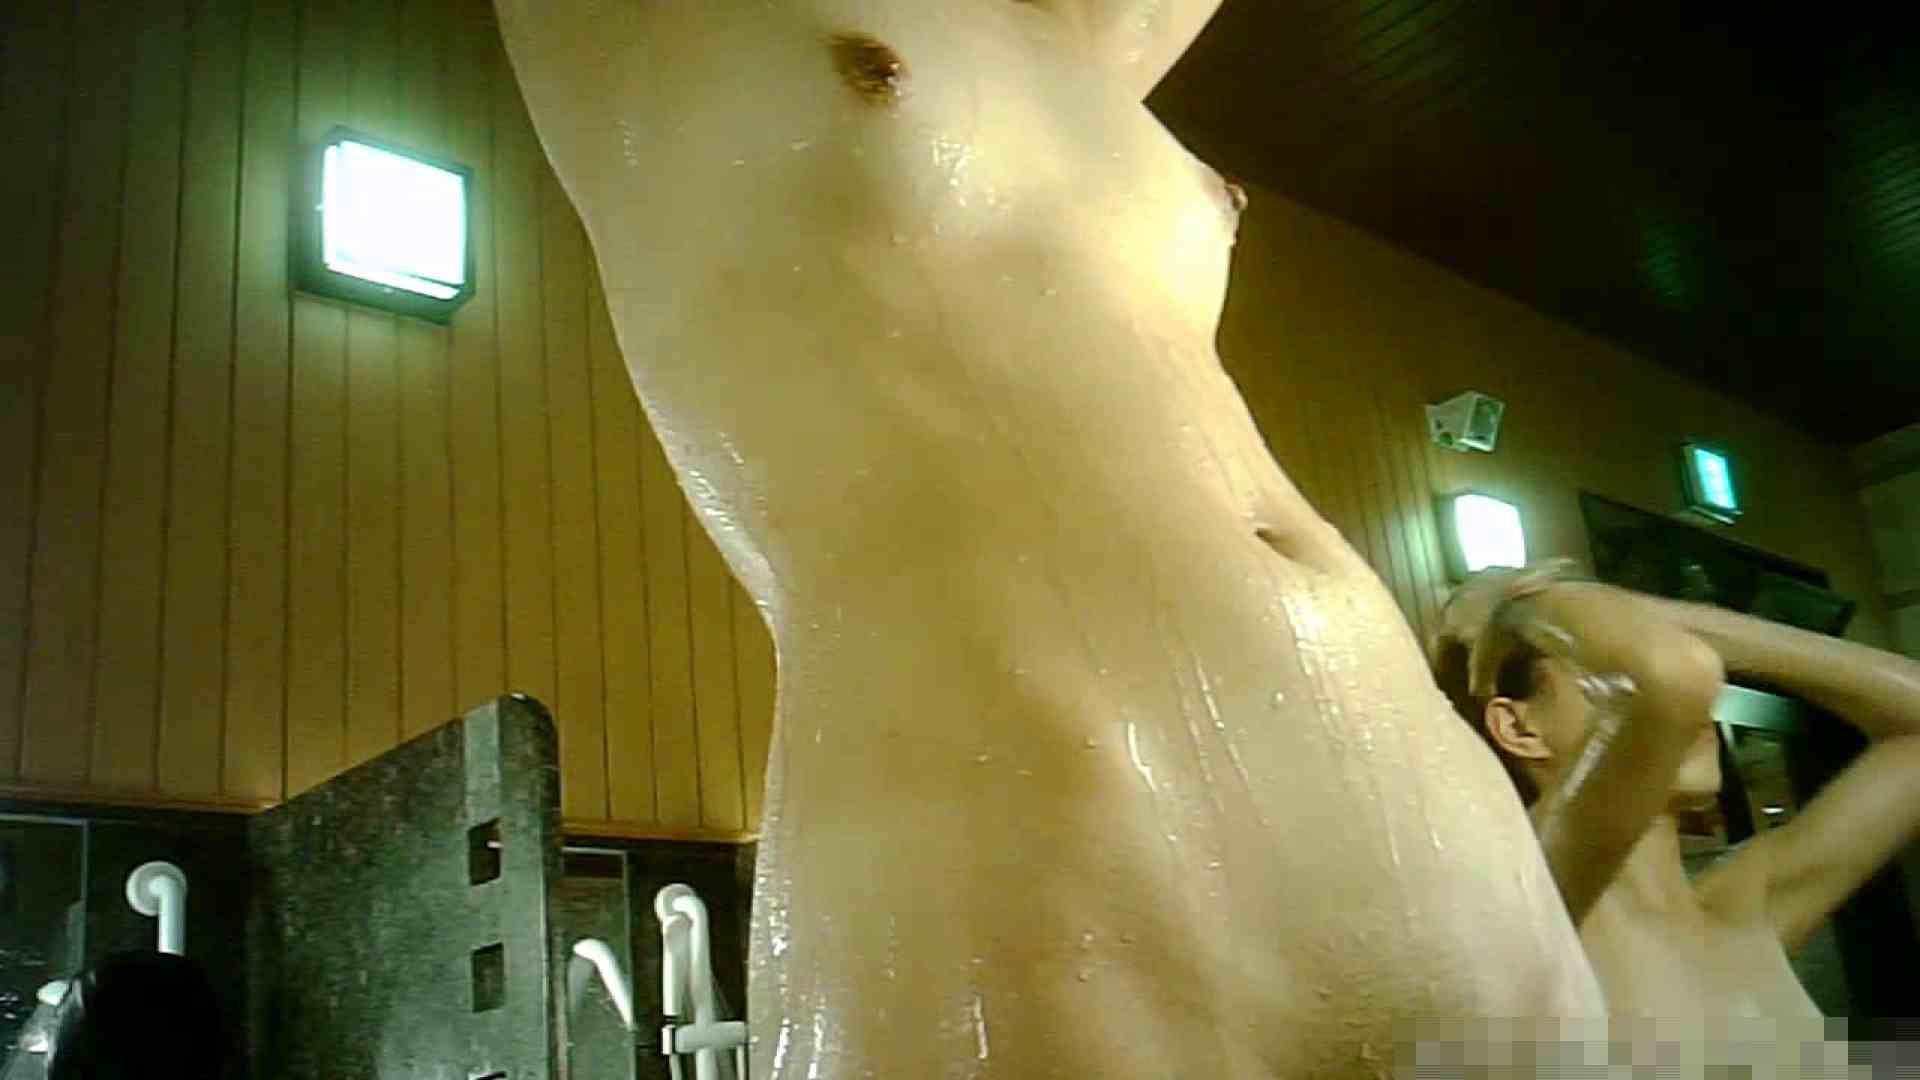 Vol.51 追い撮り!下着も顔もセクシー!洗い合いっこはナイスです。 銭湯 隠し撮りすけべAV動画紹介 105pic 19